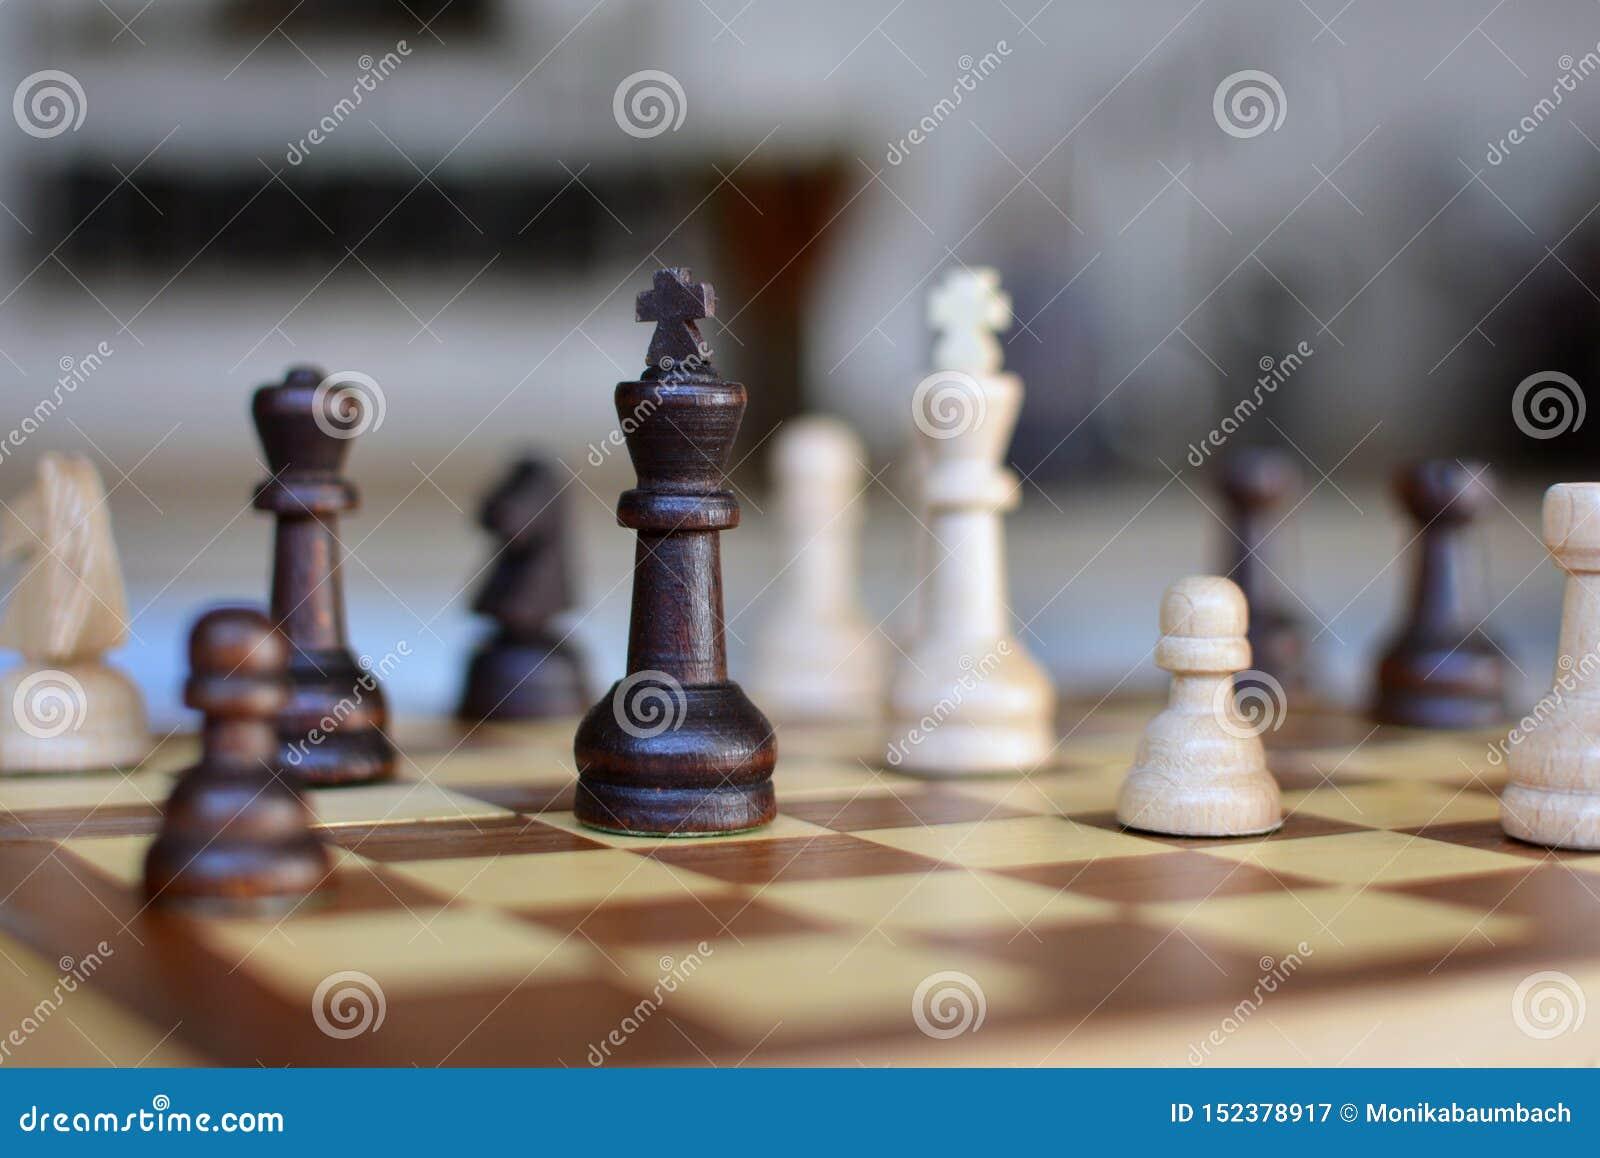 Επιτραπέζιο παιχνίδι σκακιού με την εστίαση στα γραπτά κομμάτια βασίλισσας στο μουτζουρωμένο υπόβαθρο